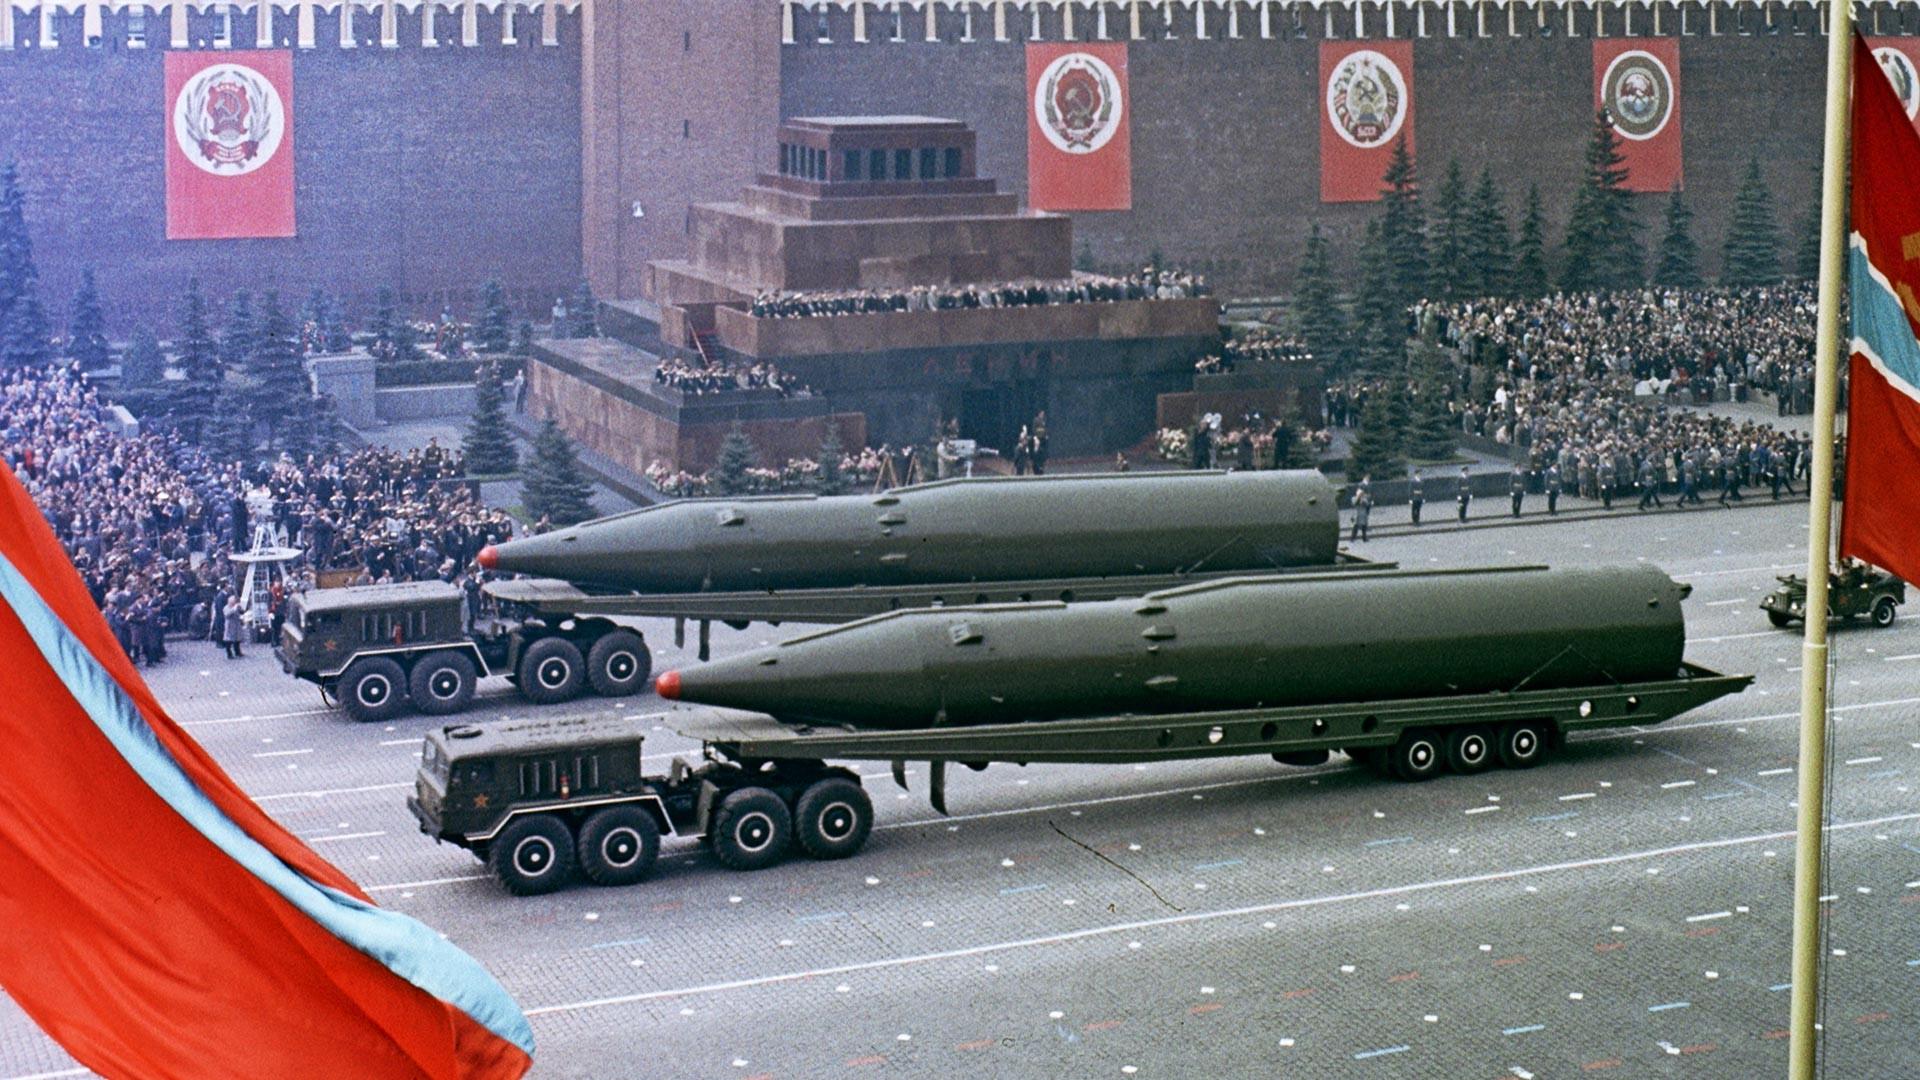 Vojna parada na Crvenom trgu povodom 20. godišnjice Pobjede u Velikom domovinskom ratu 1941.-1945.